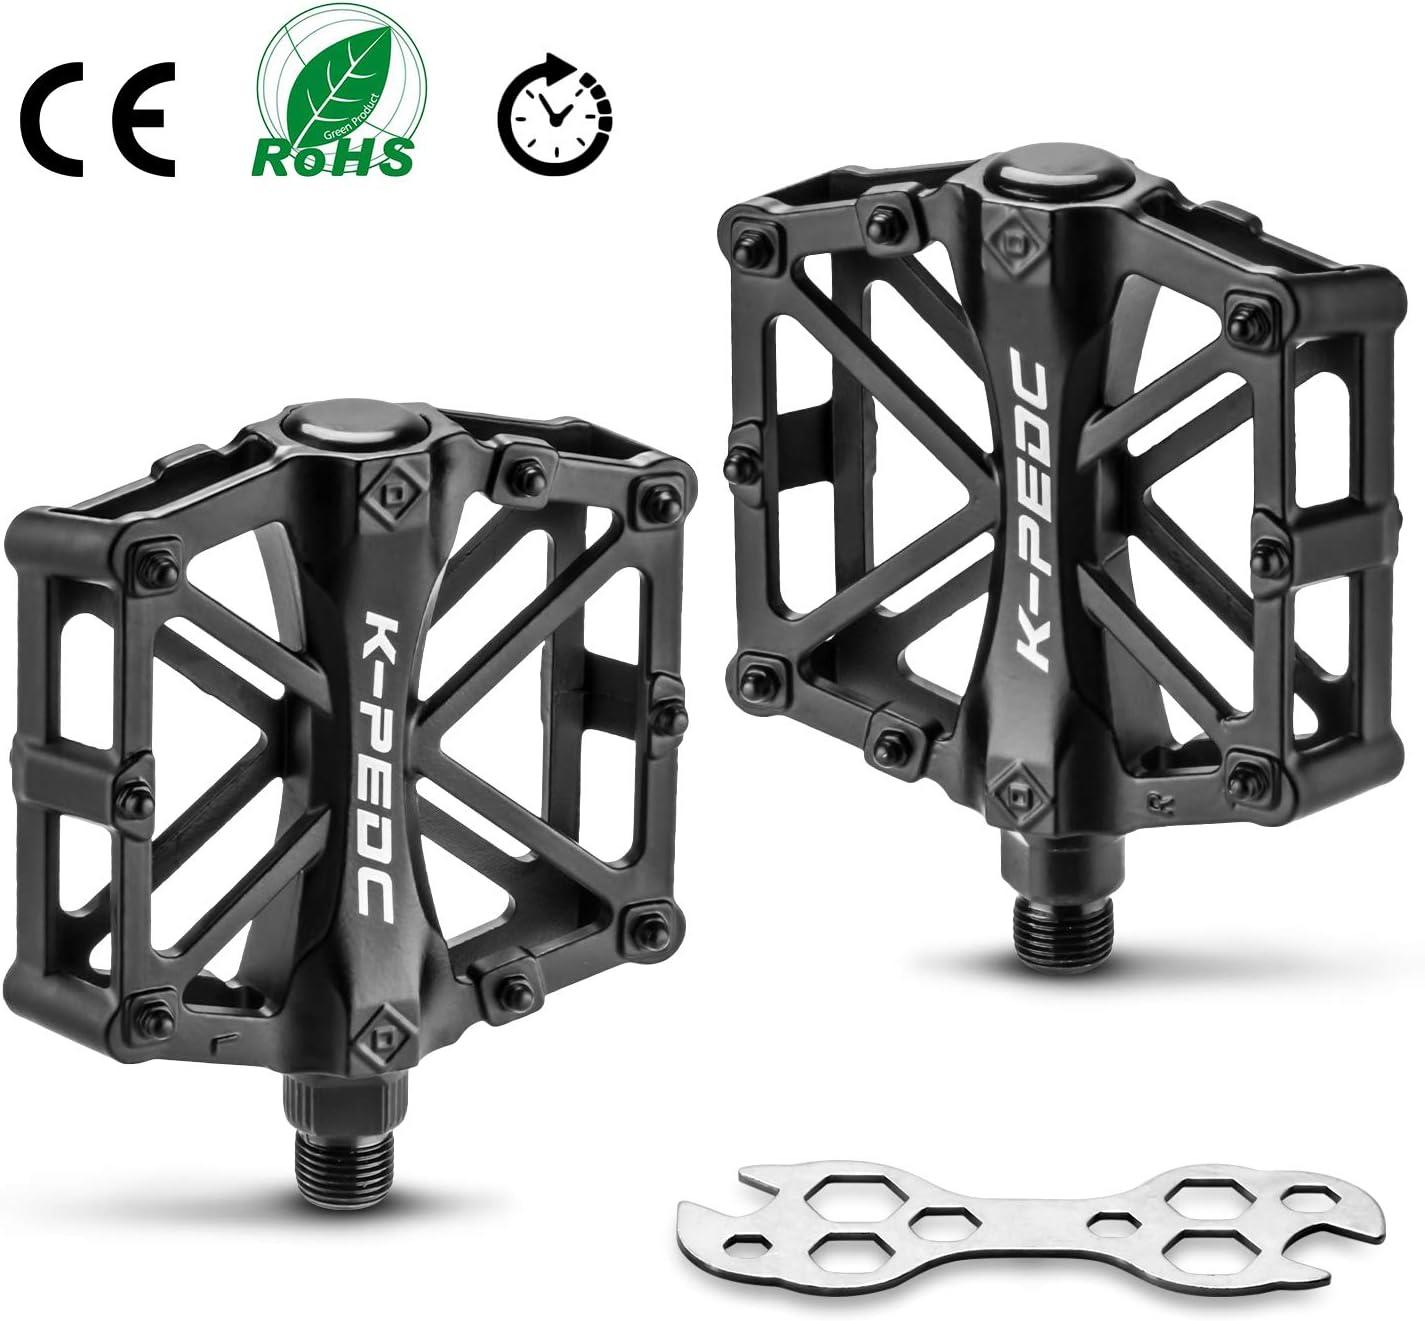 FORMIZON Pedales Bicicleta, Bicicleta de Montaña de Aleación de Aluminio Pedal 9/16 Pulgadas y Sealed los Cojinetes con Antideslizante Pedal, para Mountain Bike BMX Pedales para Montaña